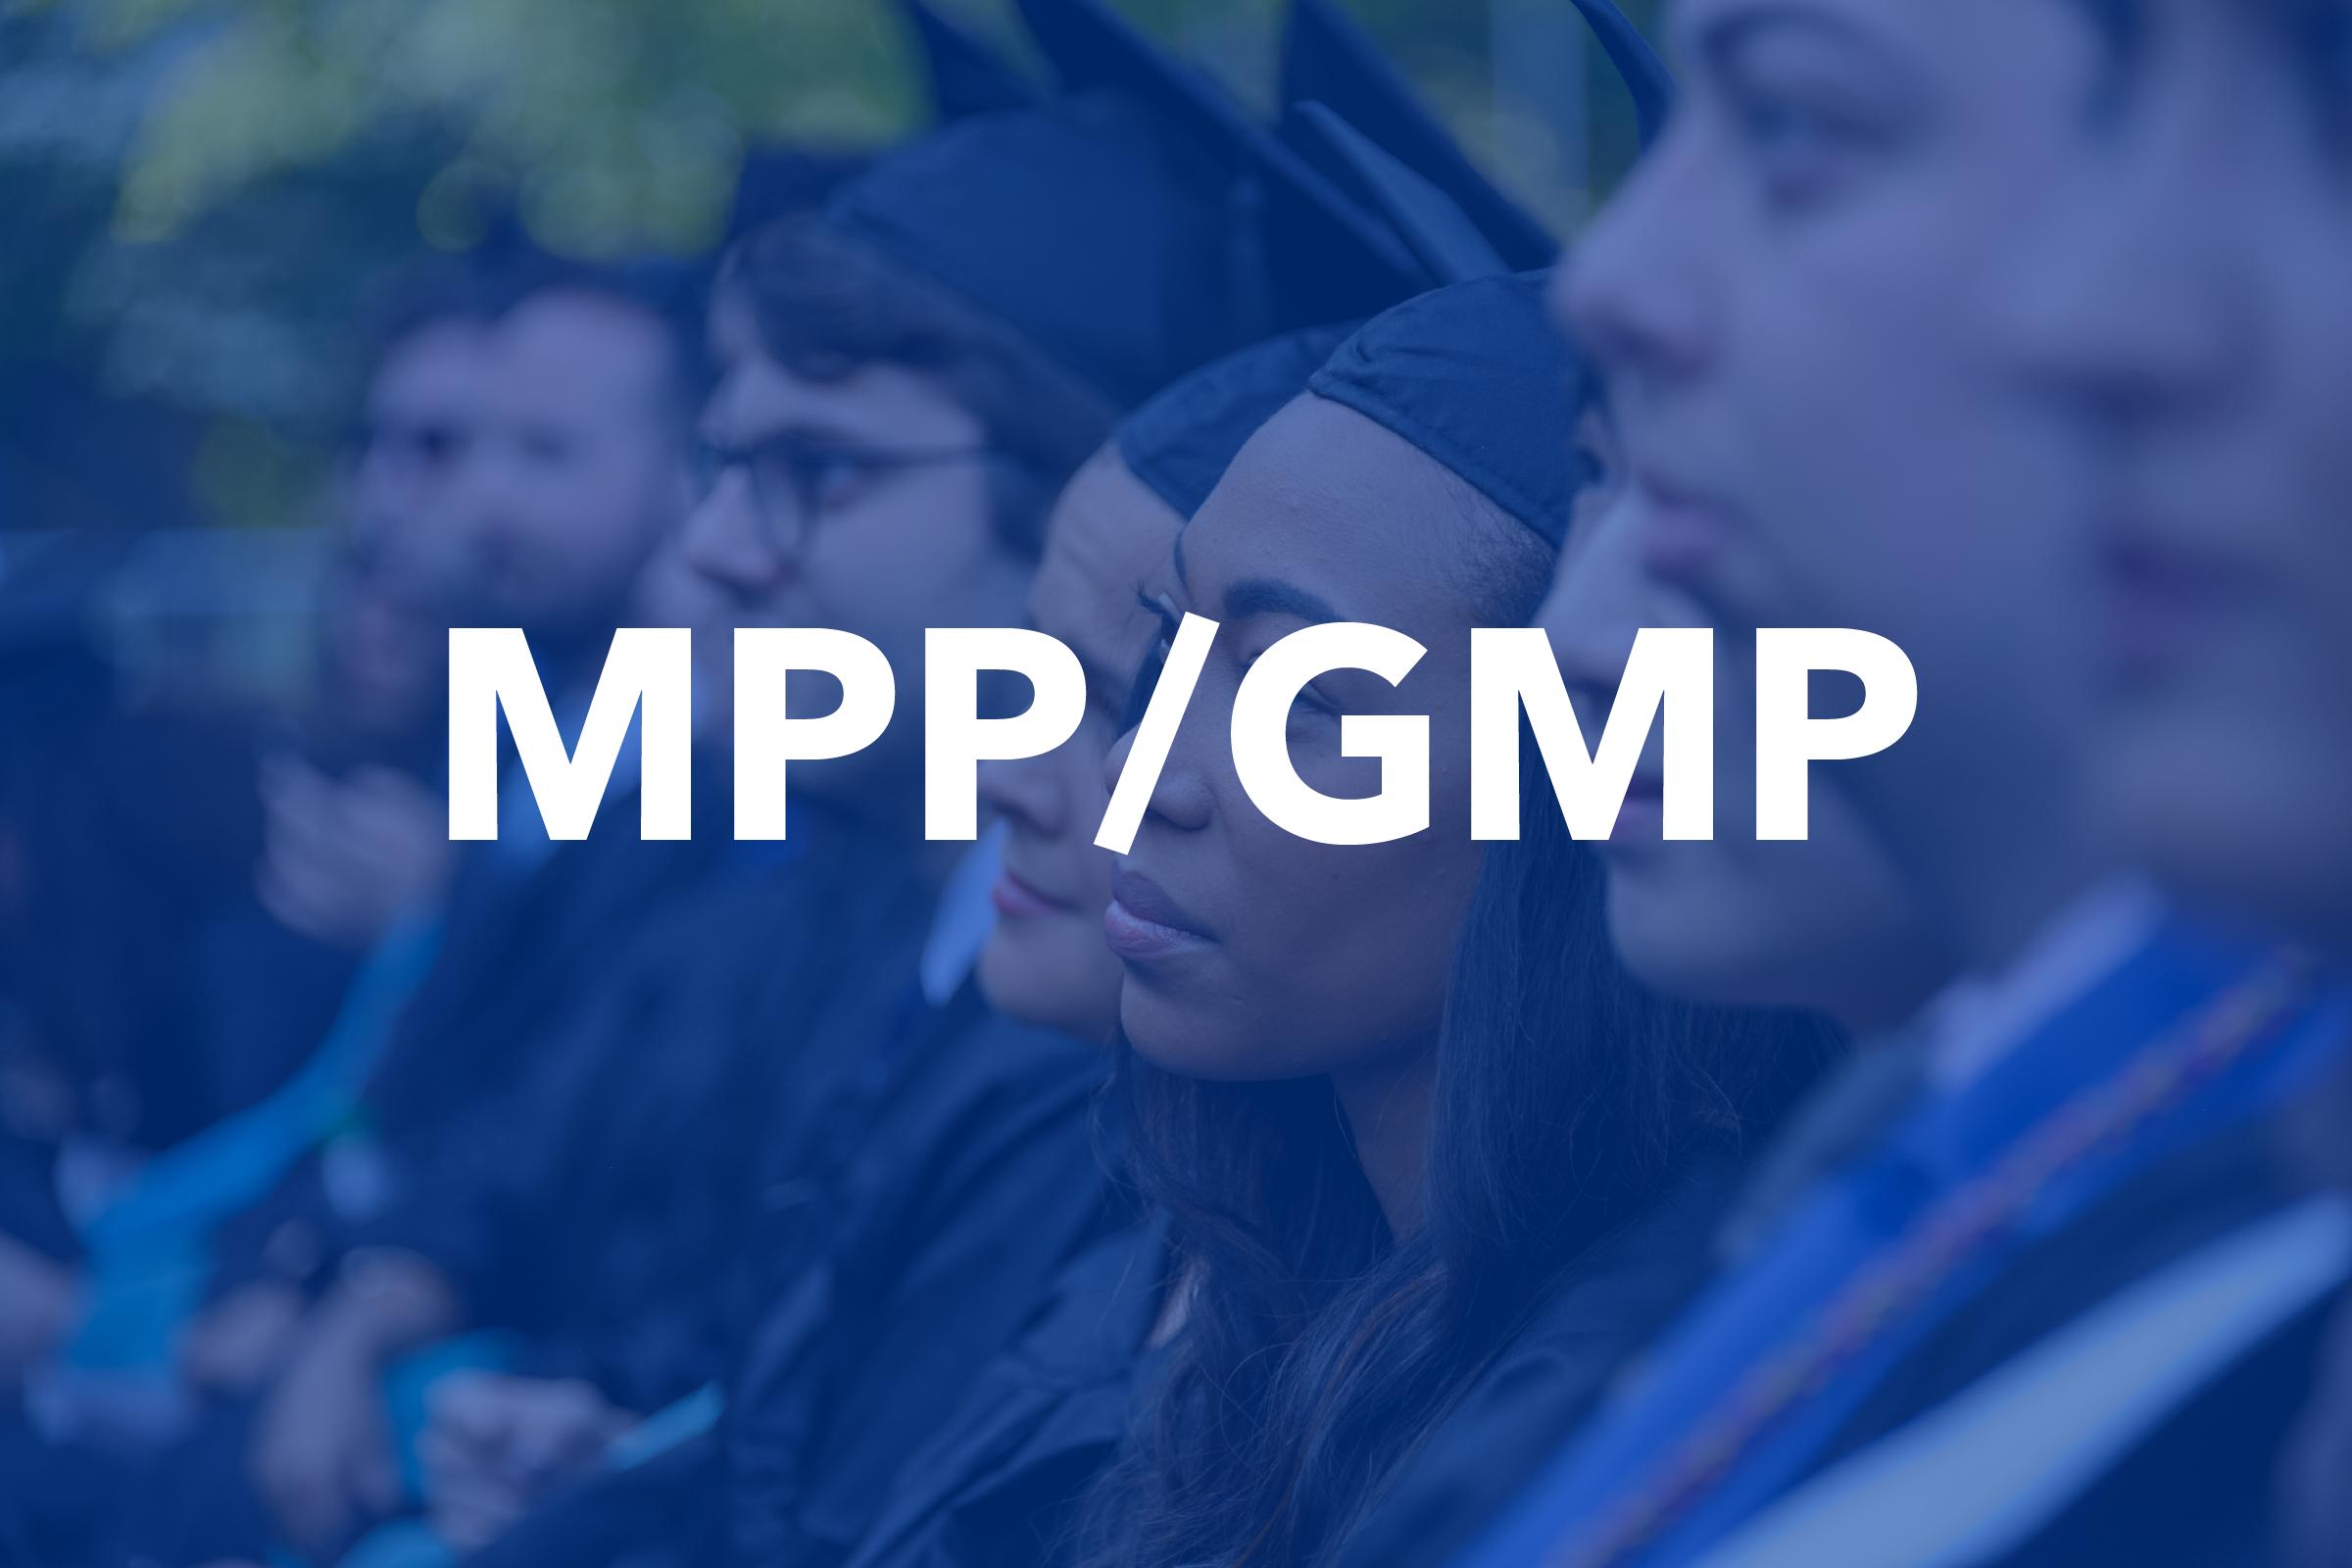 MPP/GMP